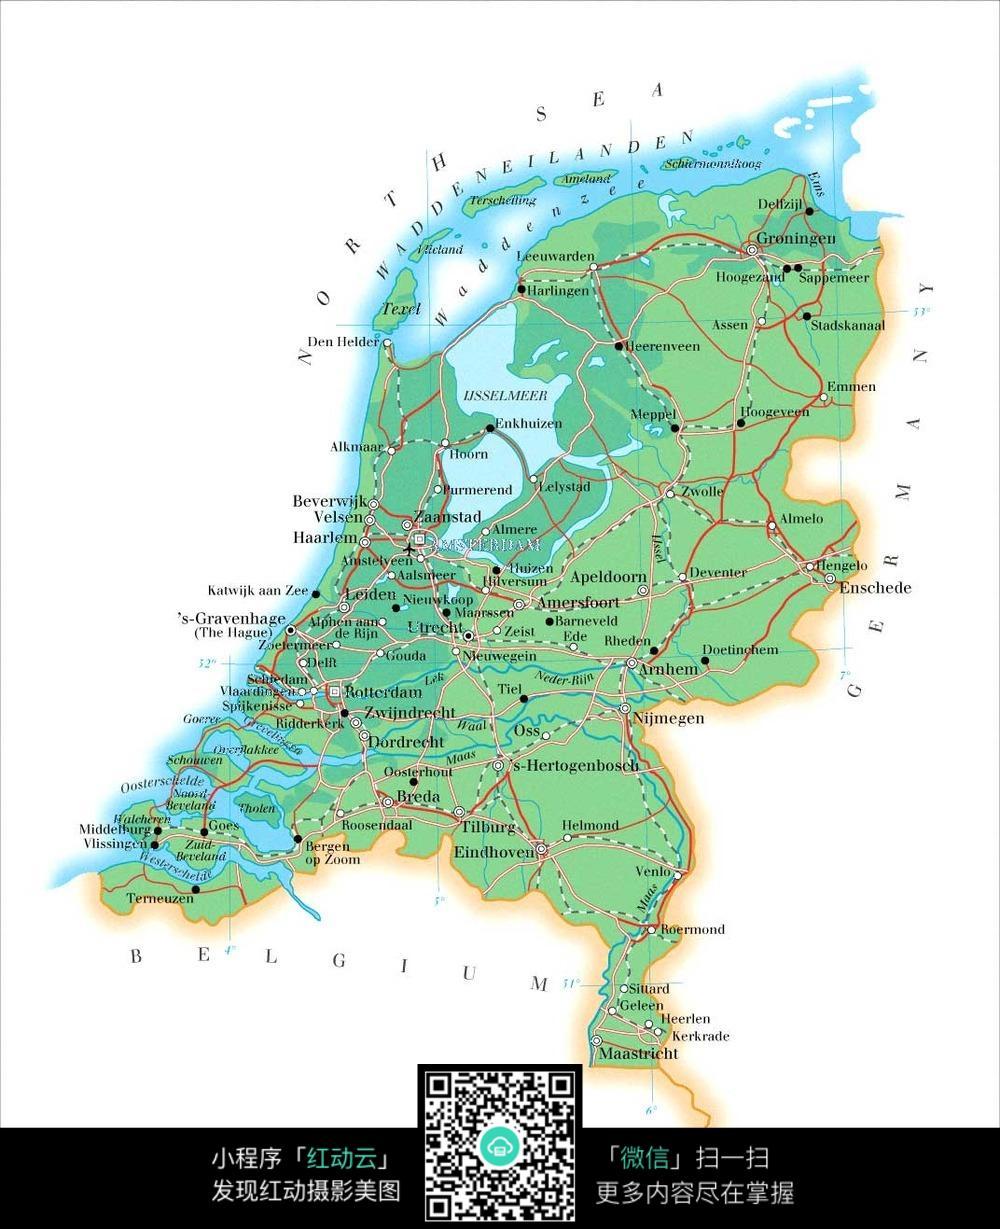 荷兰地图图片图片